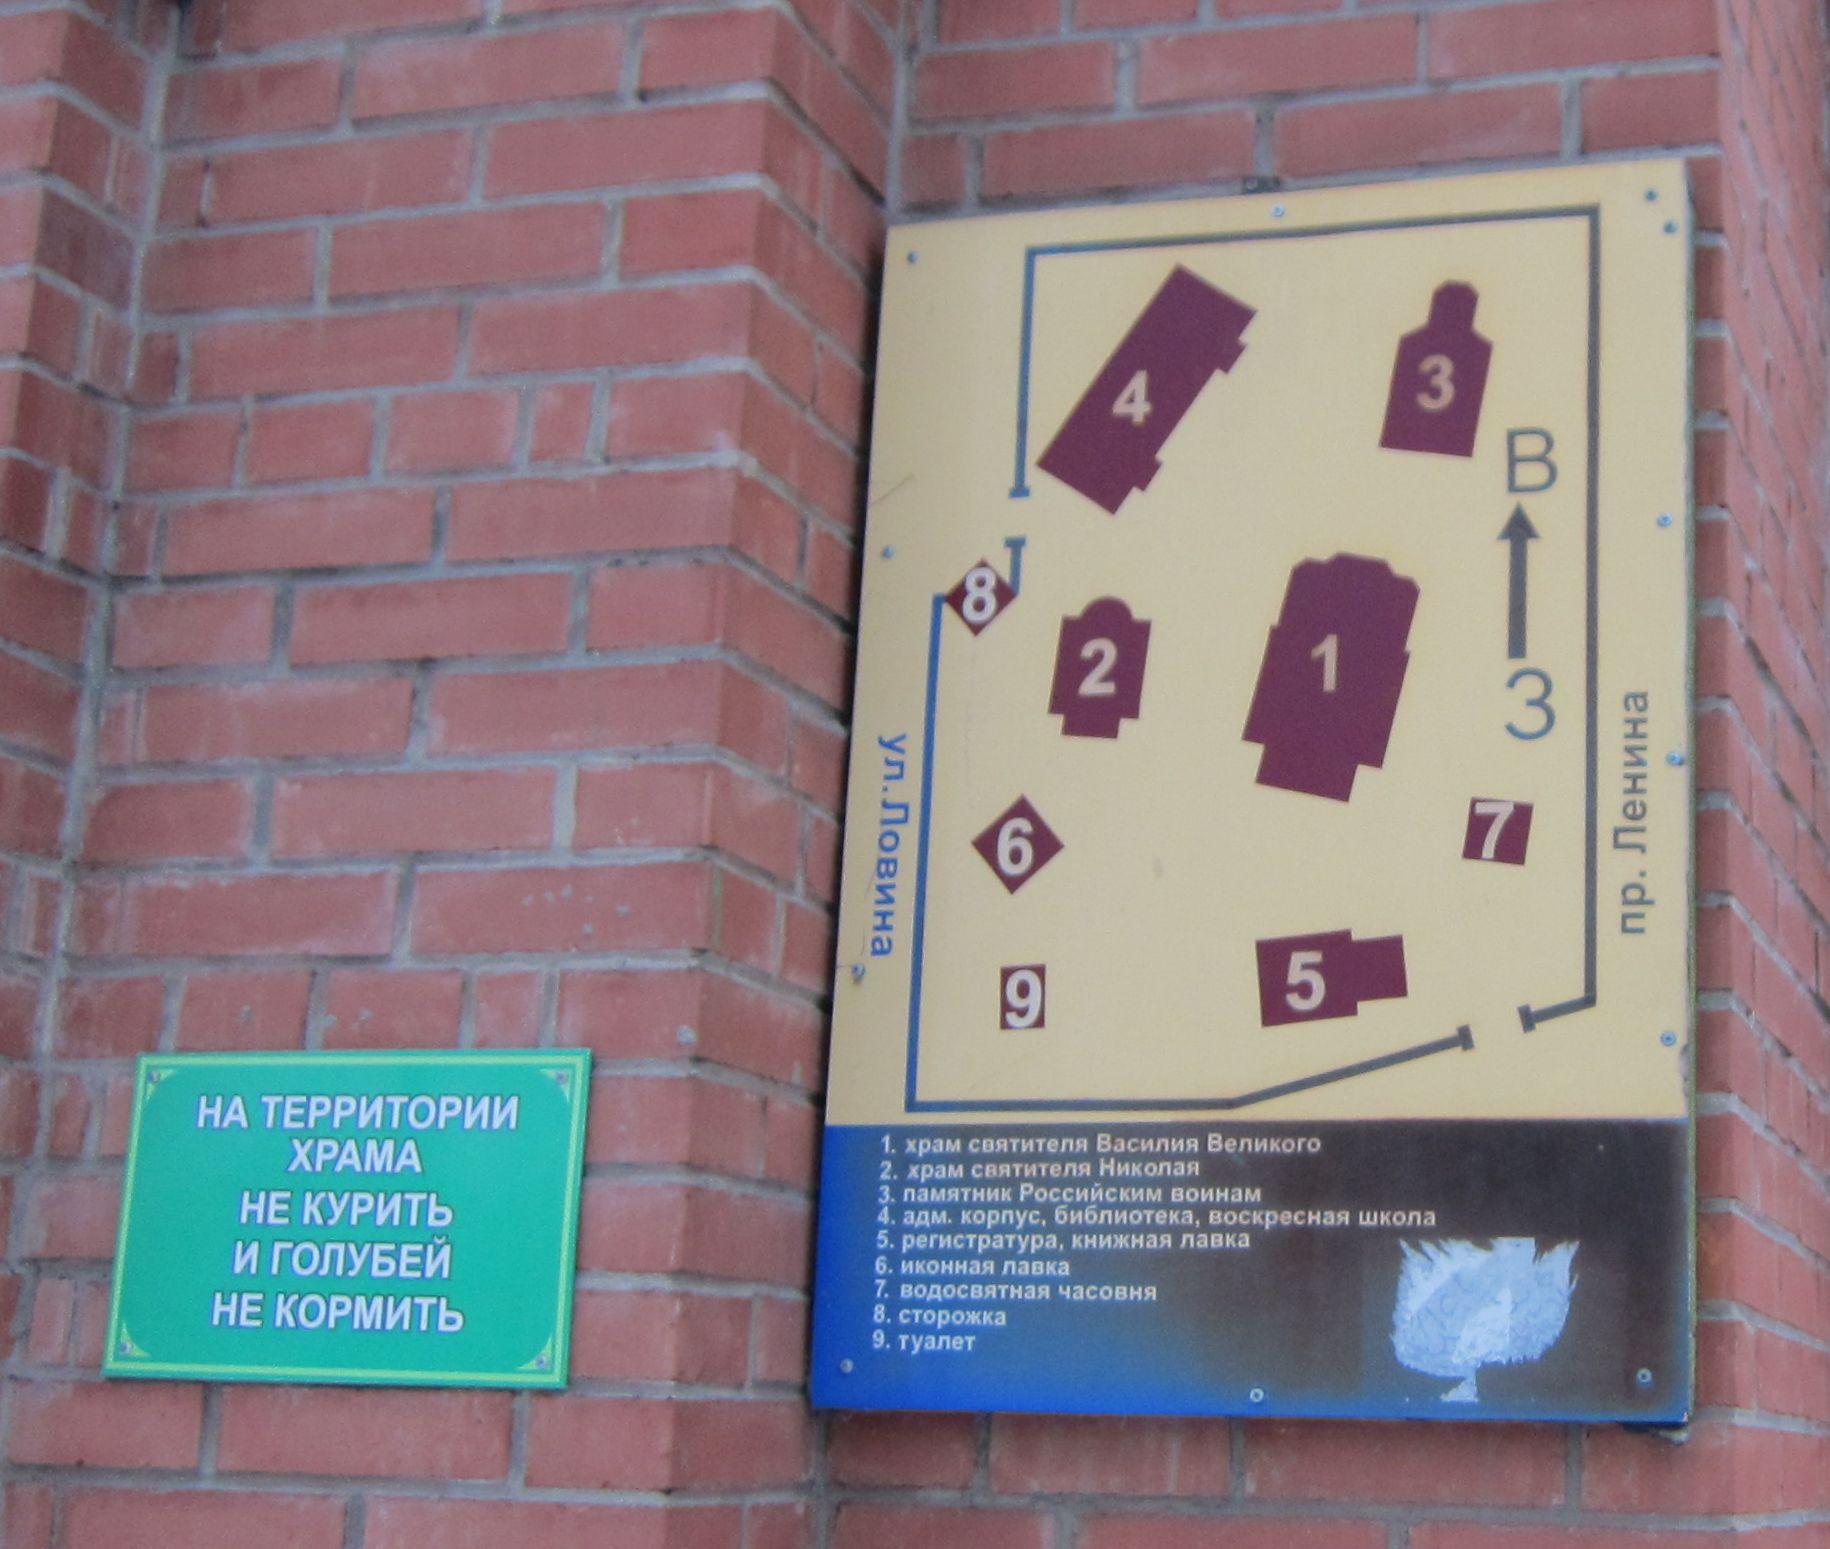 Схема территории храма собозначением построек истрогое предупреждение прихожанам насчёт дыма вонючего ипернатых тварей Божьих (26.05.2015)